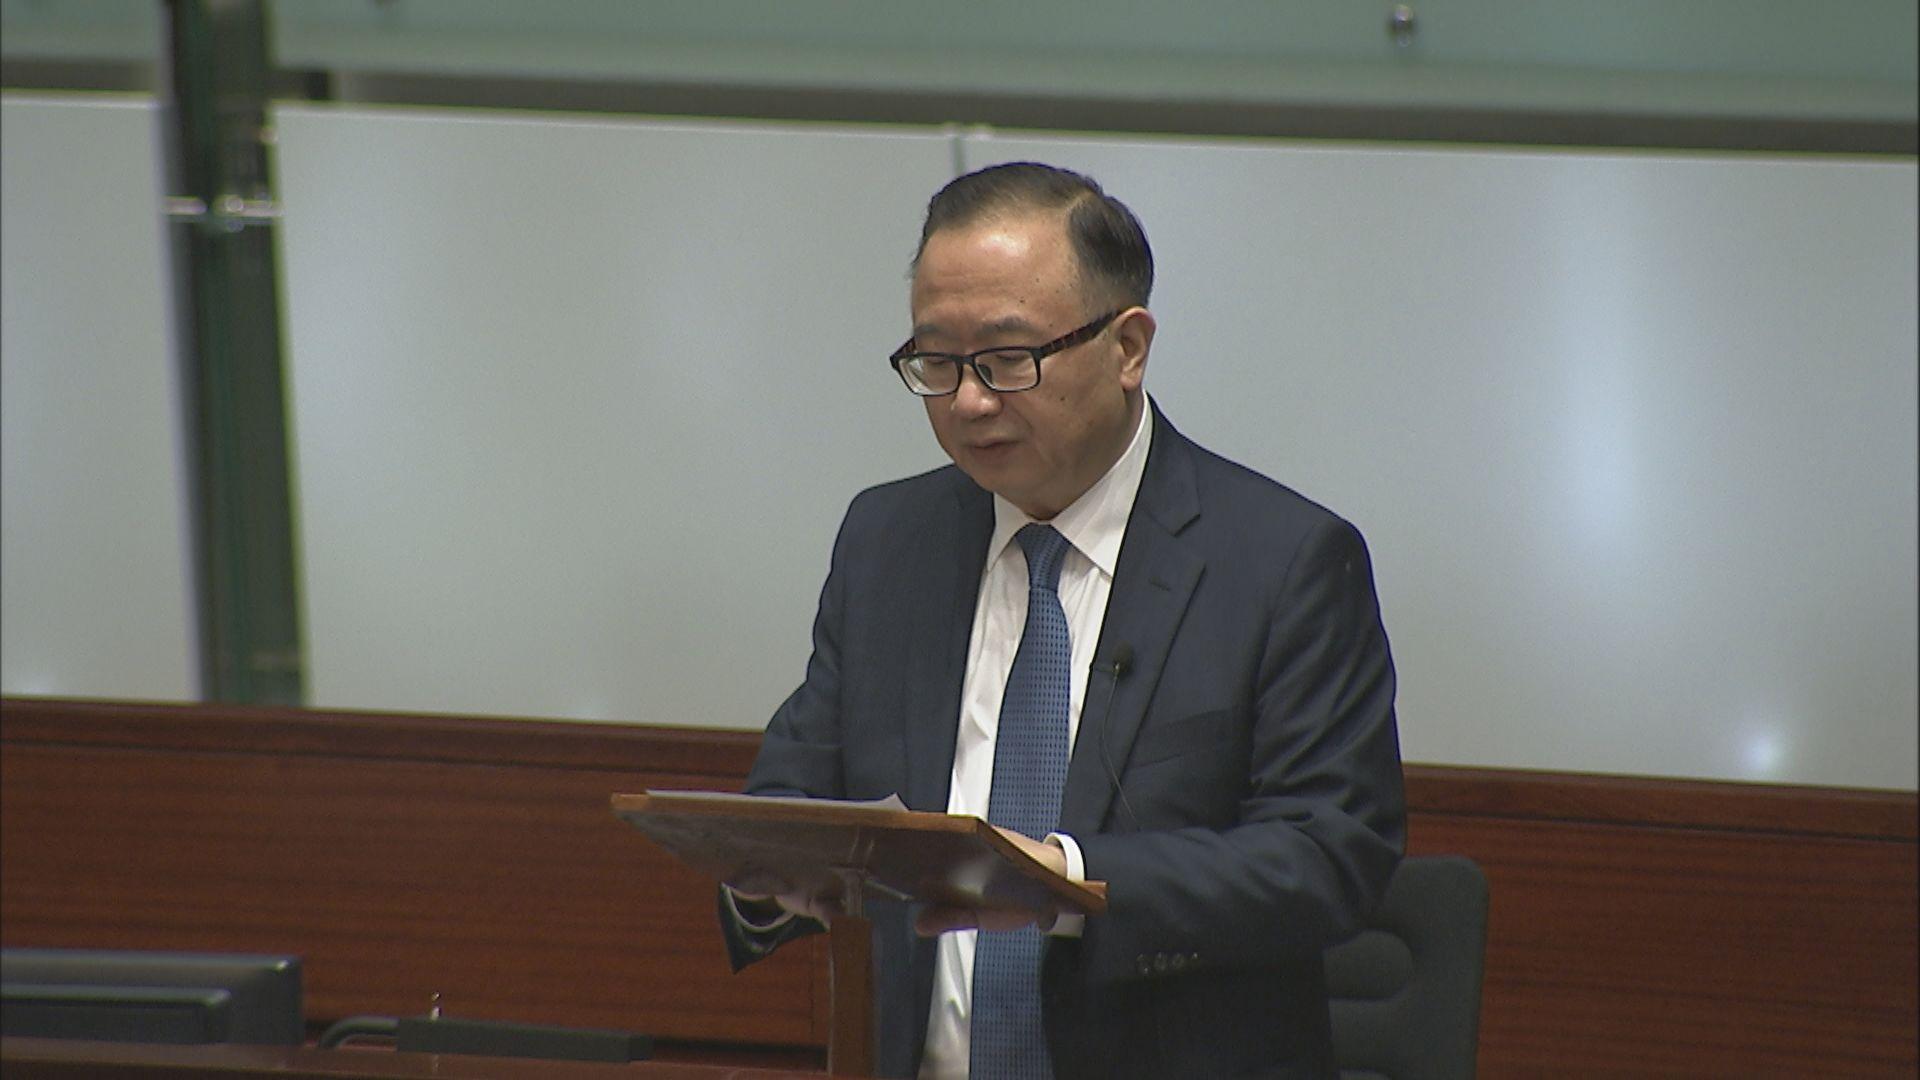 立法會二讀修改選舉制度條例草案 多名議員表示支持